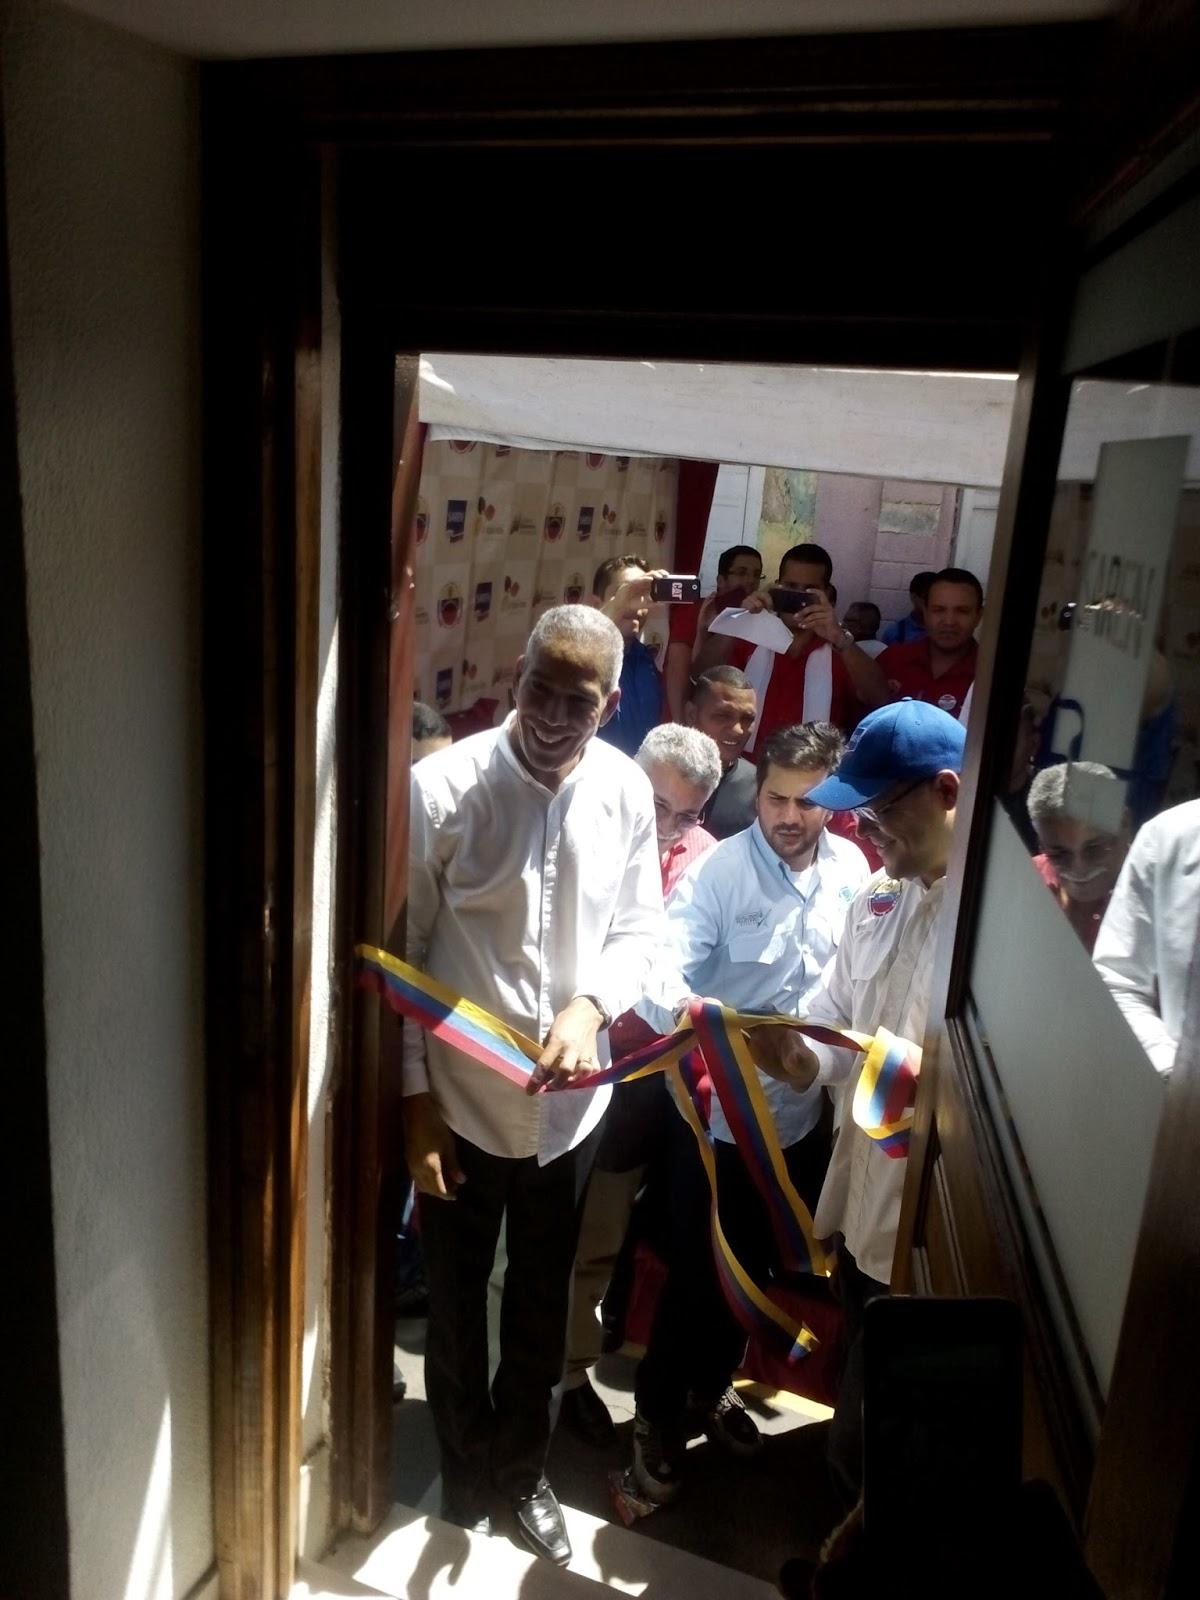 Noticias del kuate inauguran nuevas for Oficina de registro barcelona